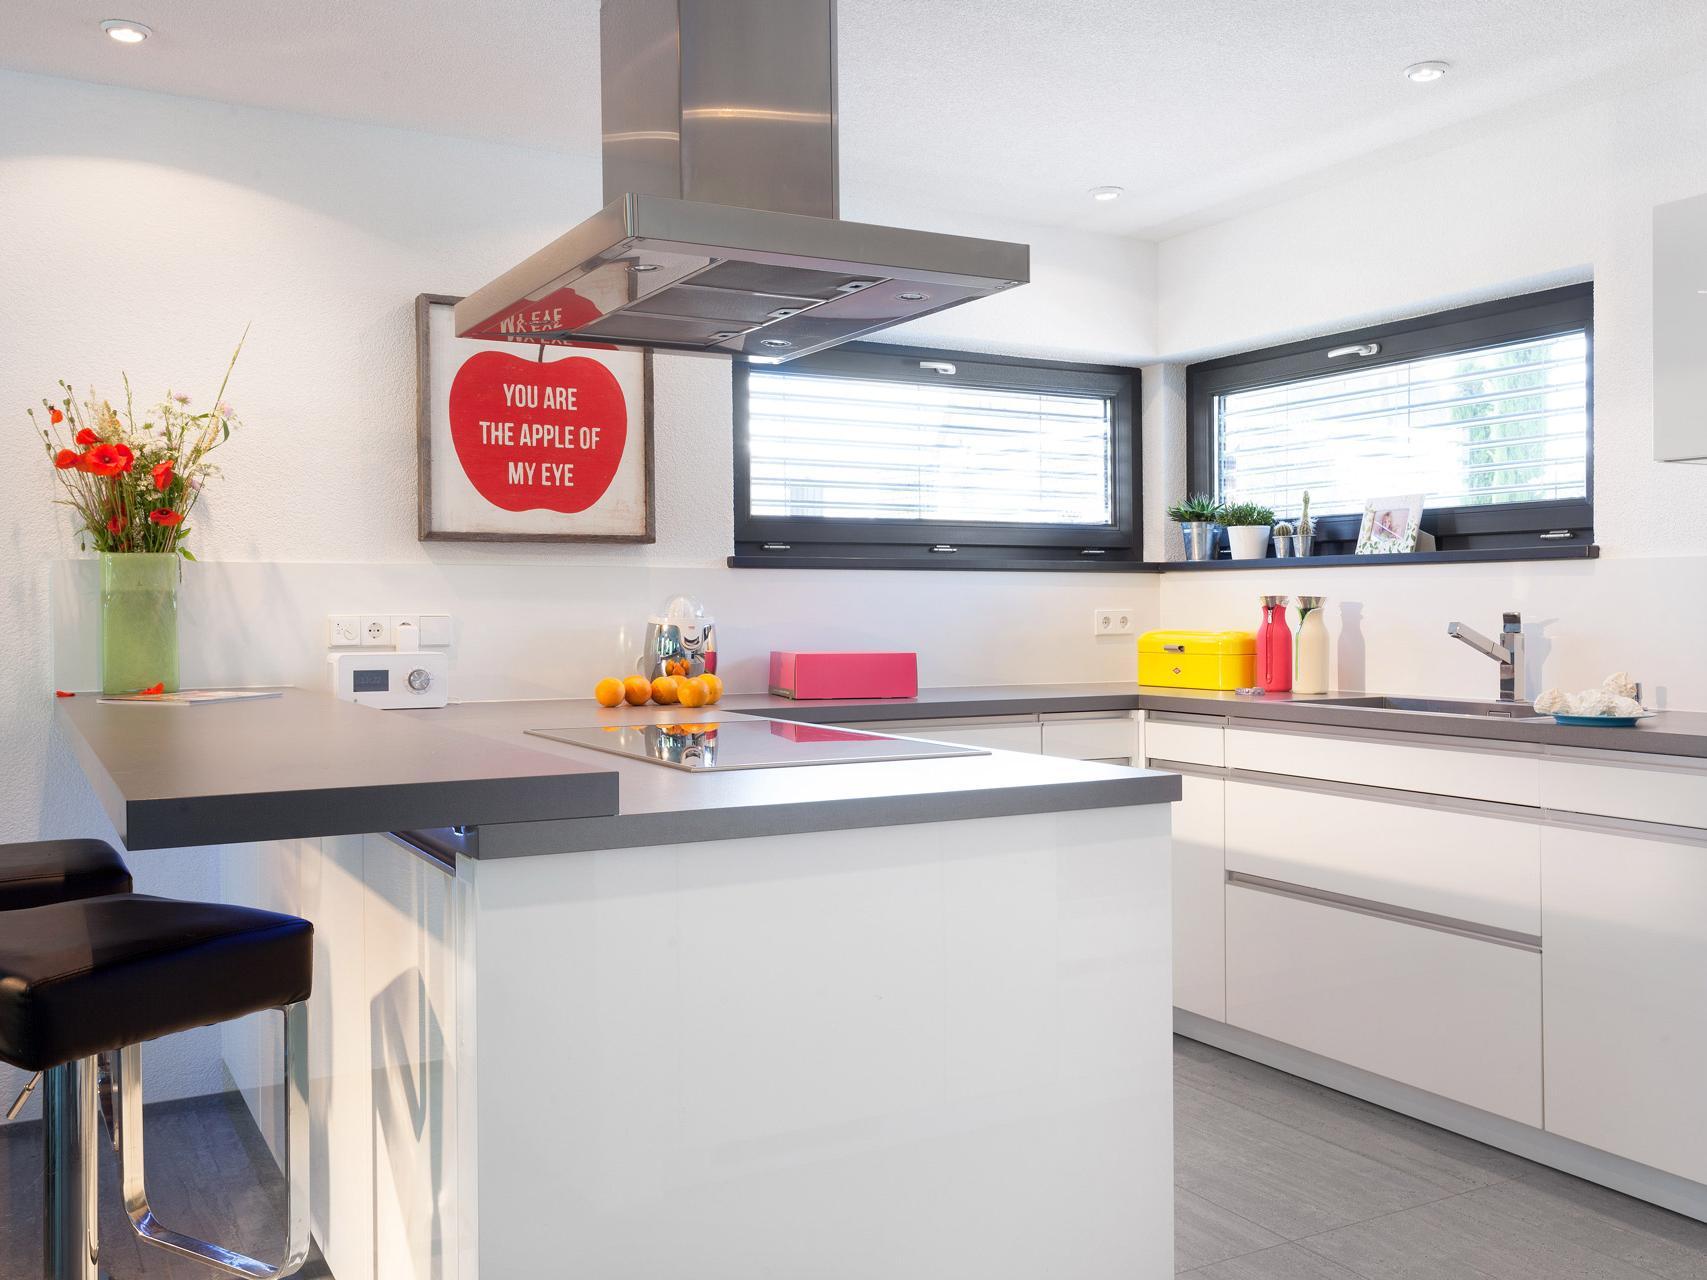 Kommunikative Offene Küche In Creme. Durchdachte Küchenlösung Mit Theke